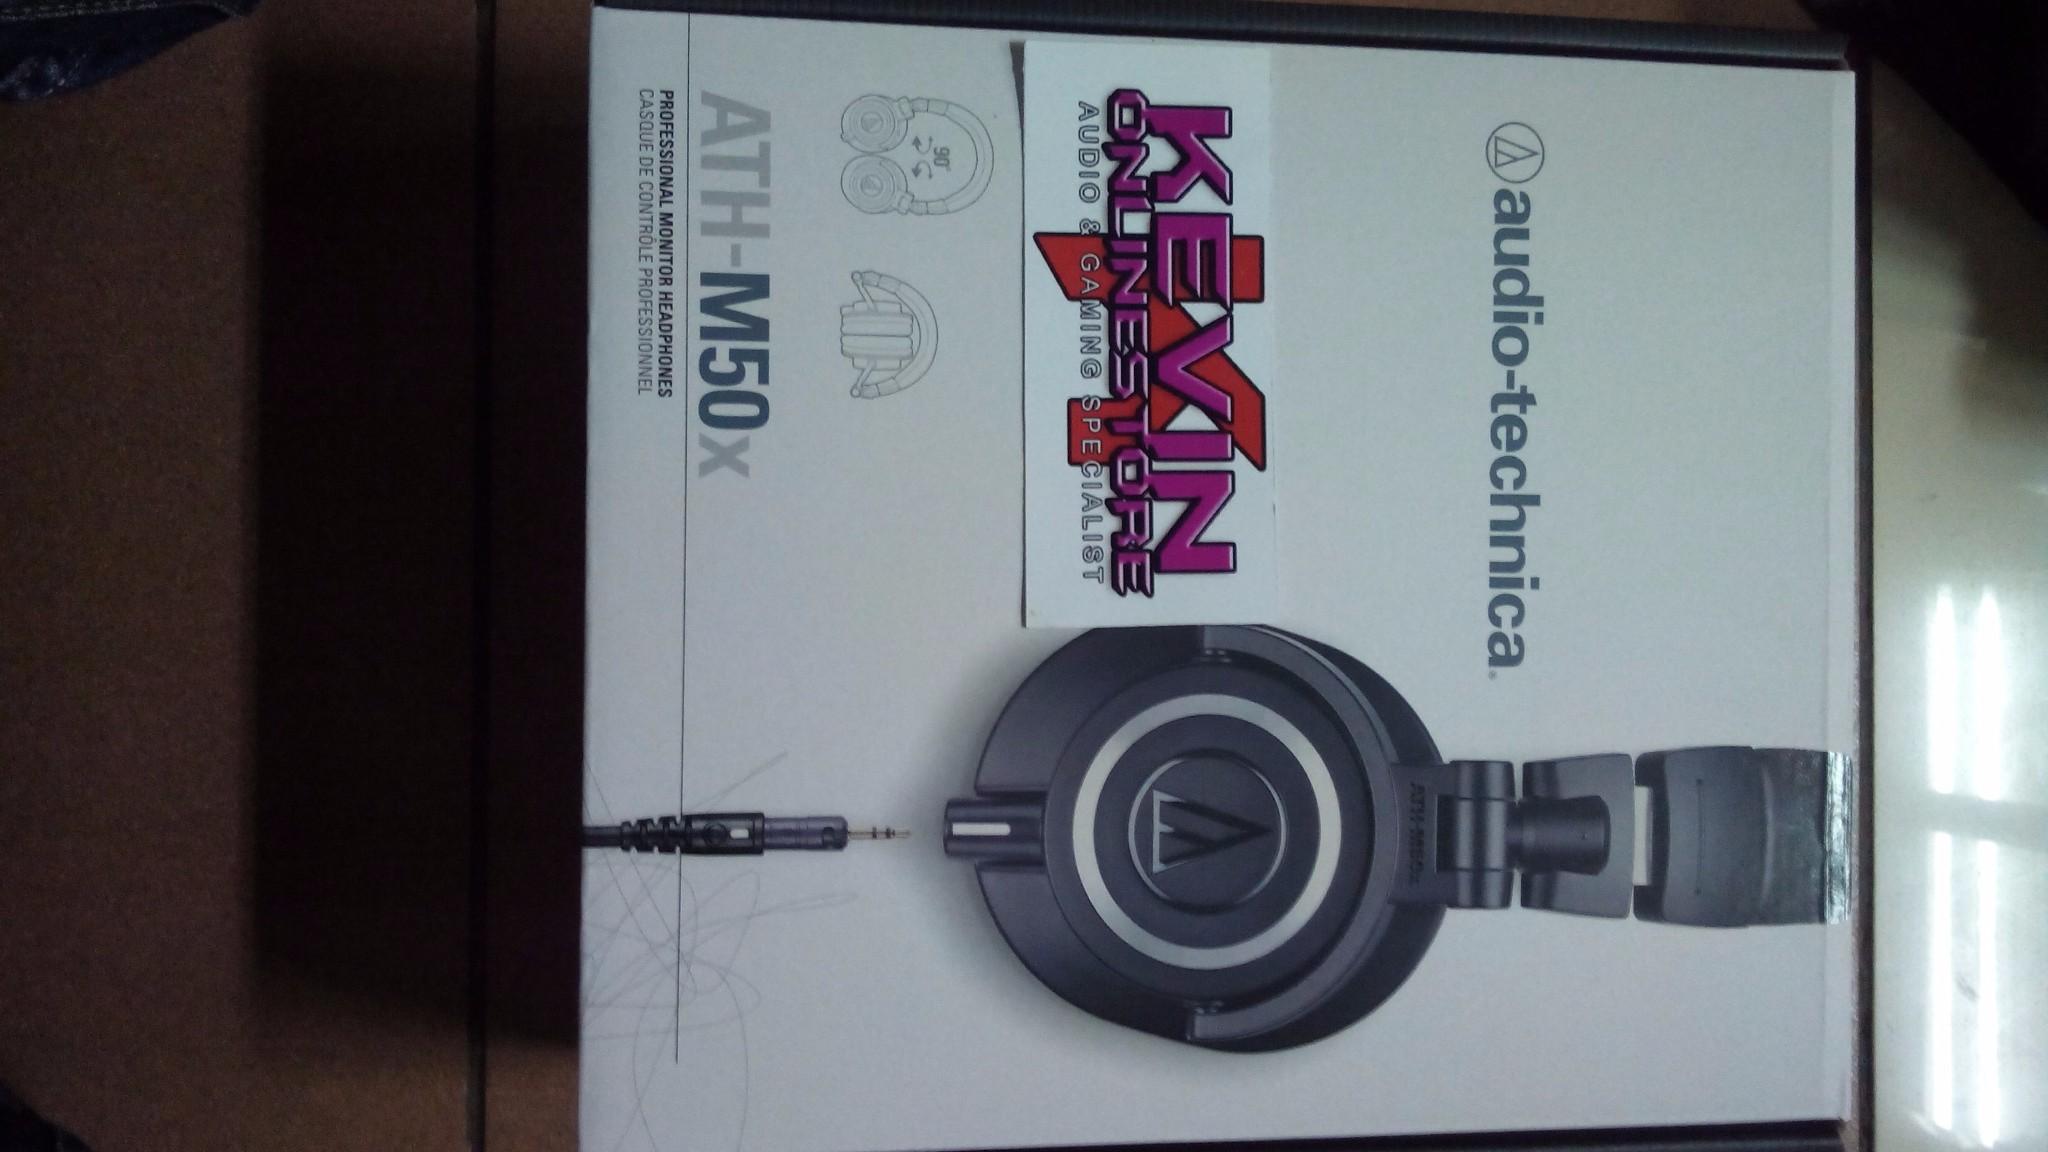 Harga Audio Technica Ath-m50x Audio Technica Ath-m50x